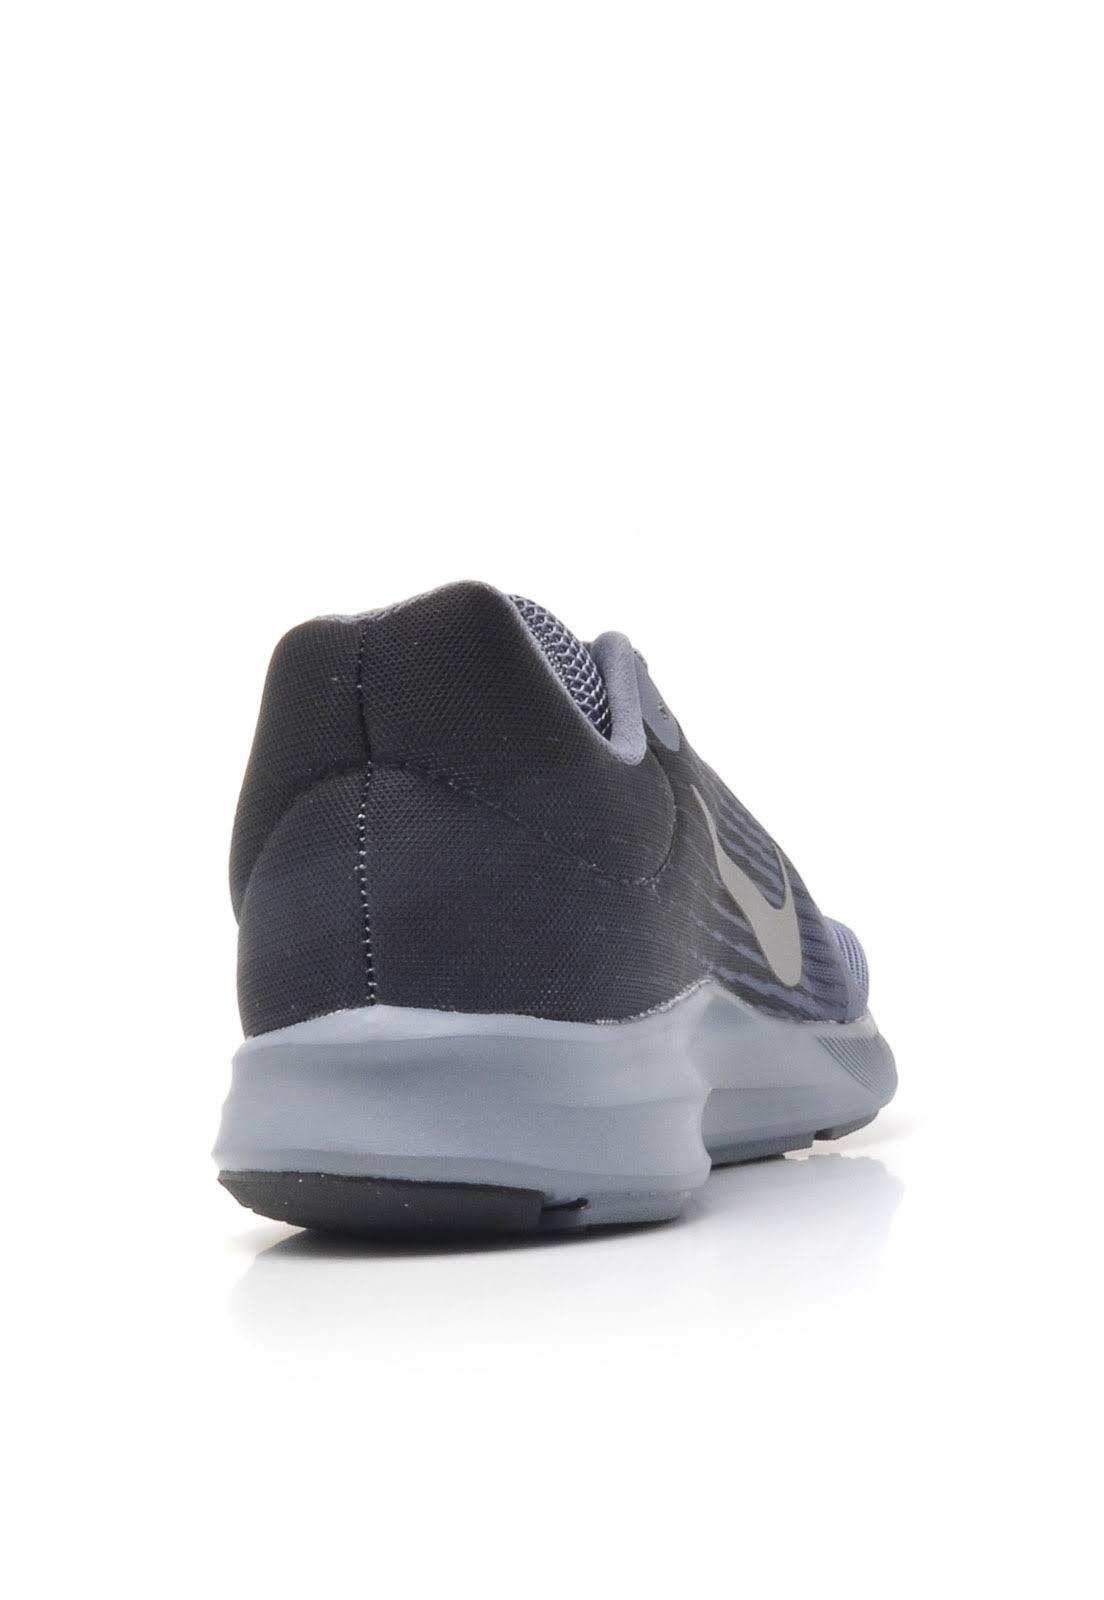 schoenen Nike Black 8 voor heren Carbon Downshifter NnO0m8wv